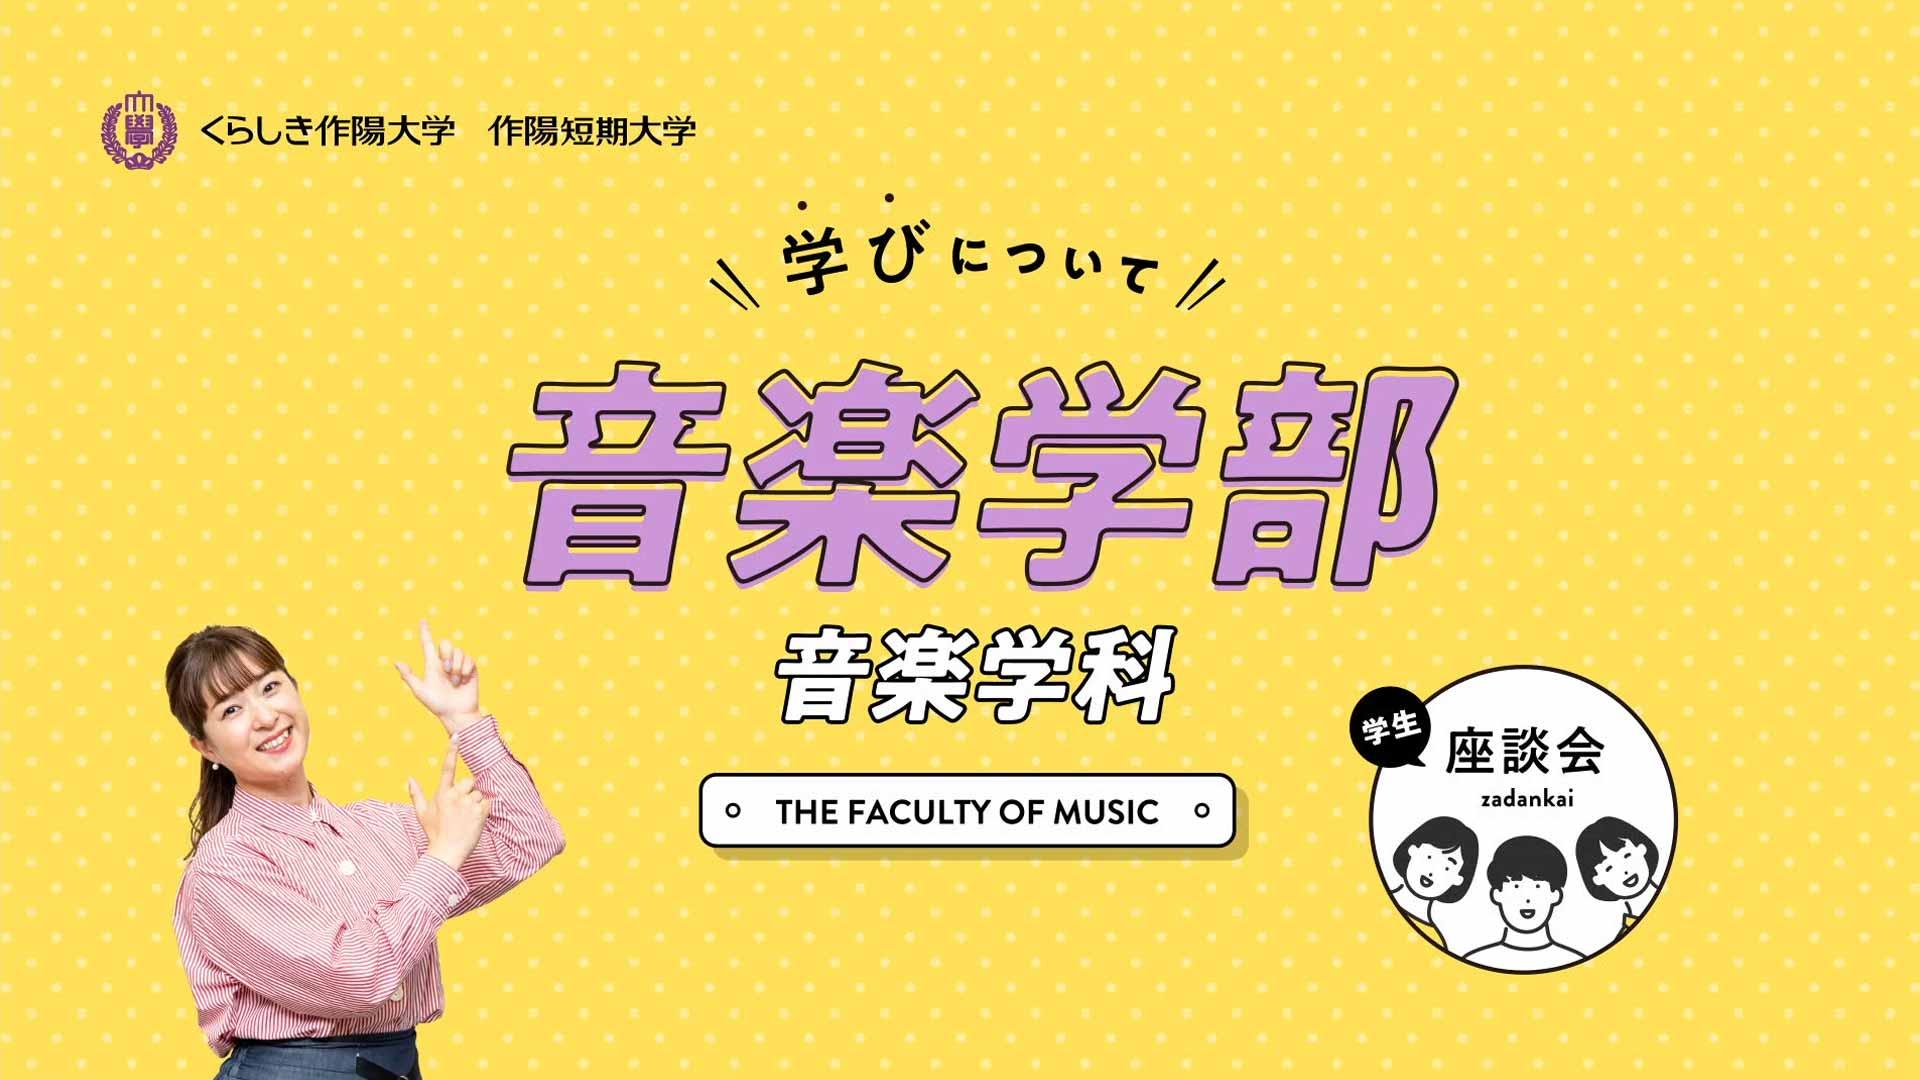 音楽学部 短期大学音楽専攻